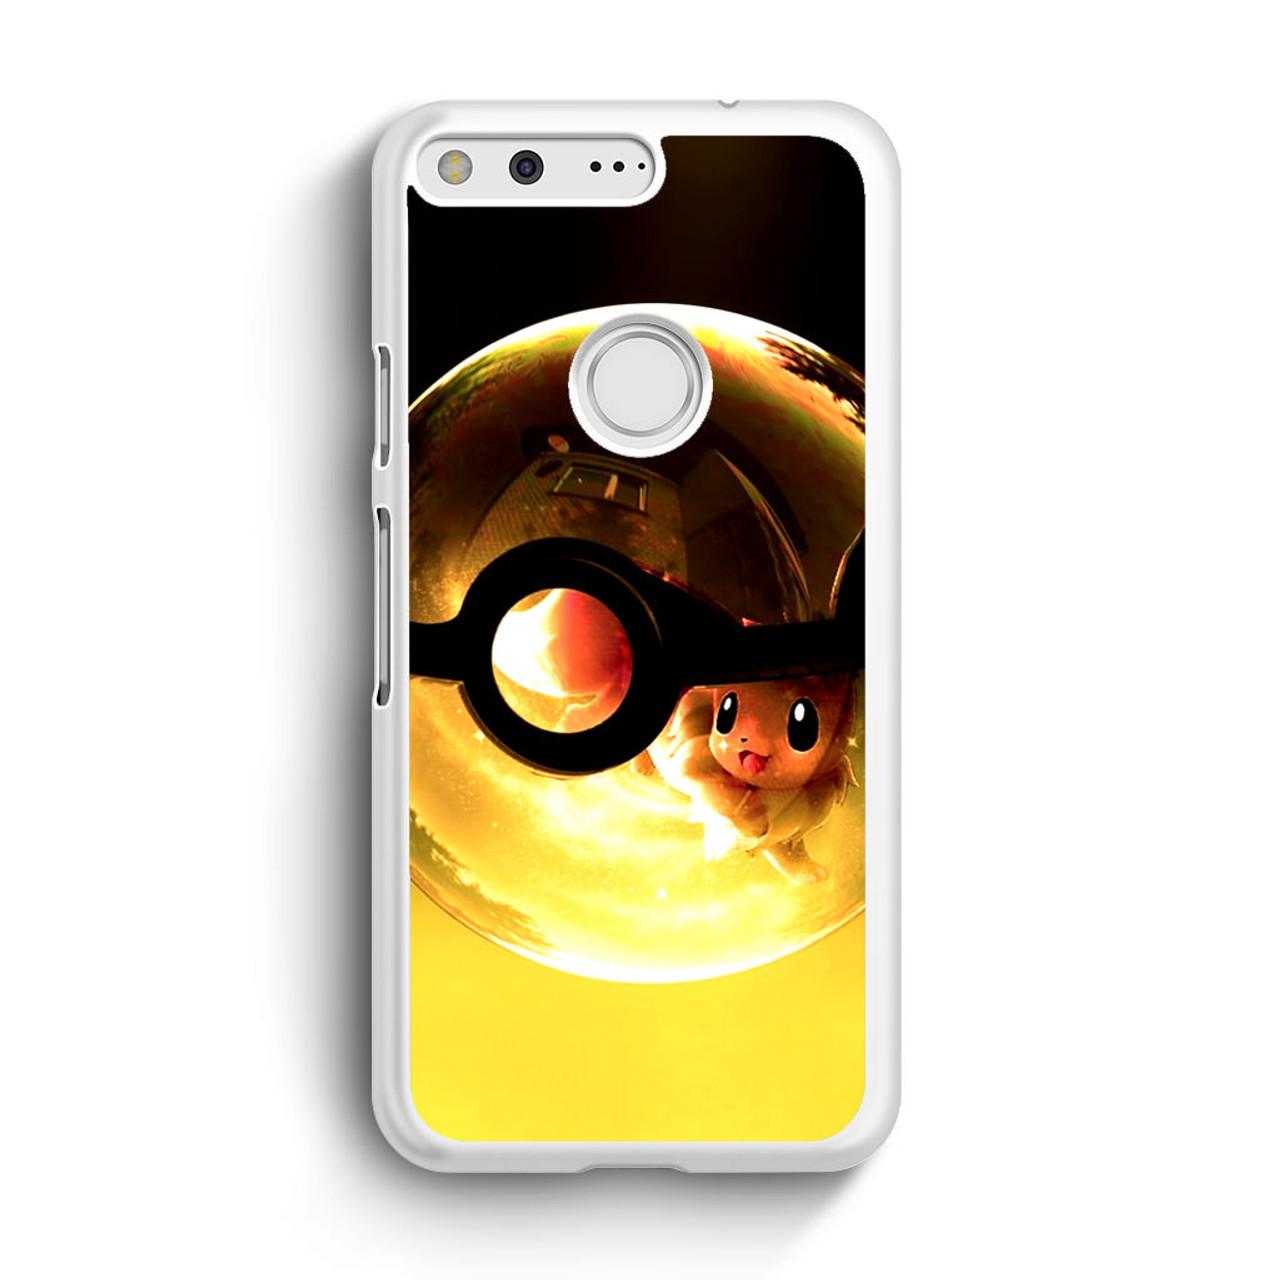 Pokemon Charmander Google Pixel XL Case